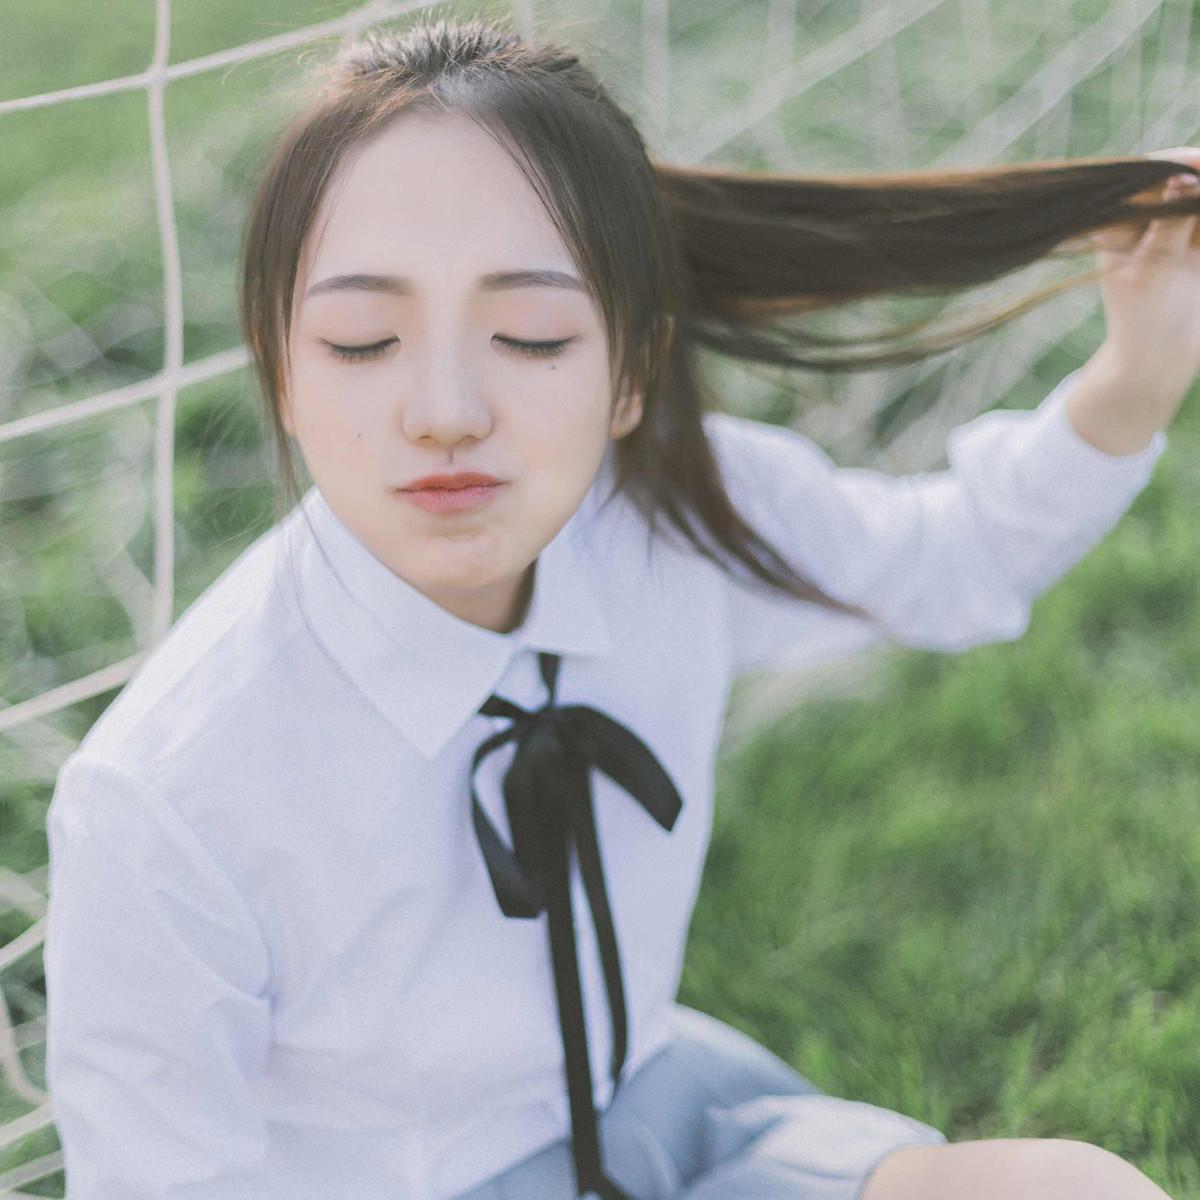 超漂亮的白美女迷你短裙美女学生,百看不厌衬衣拼图游戏图片